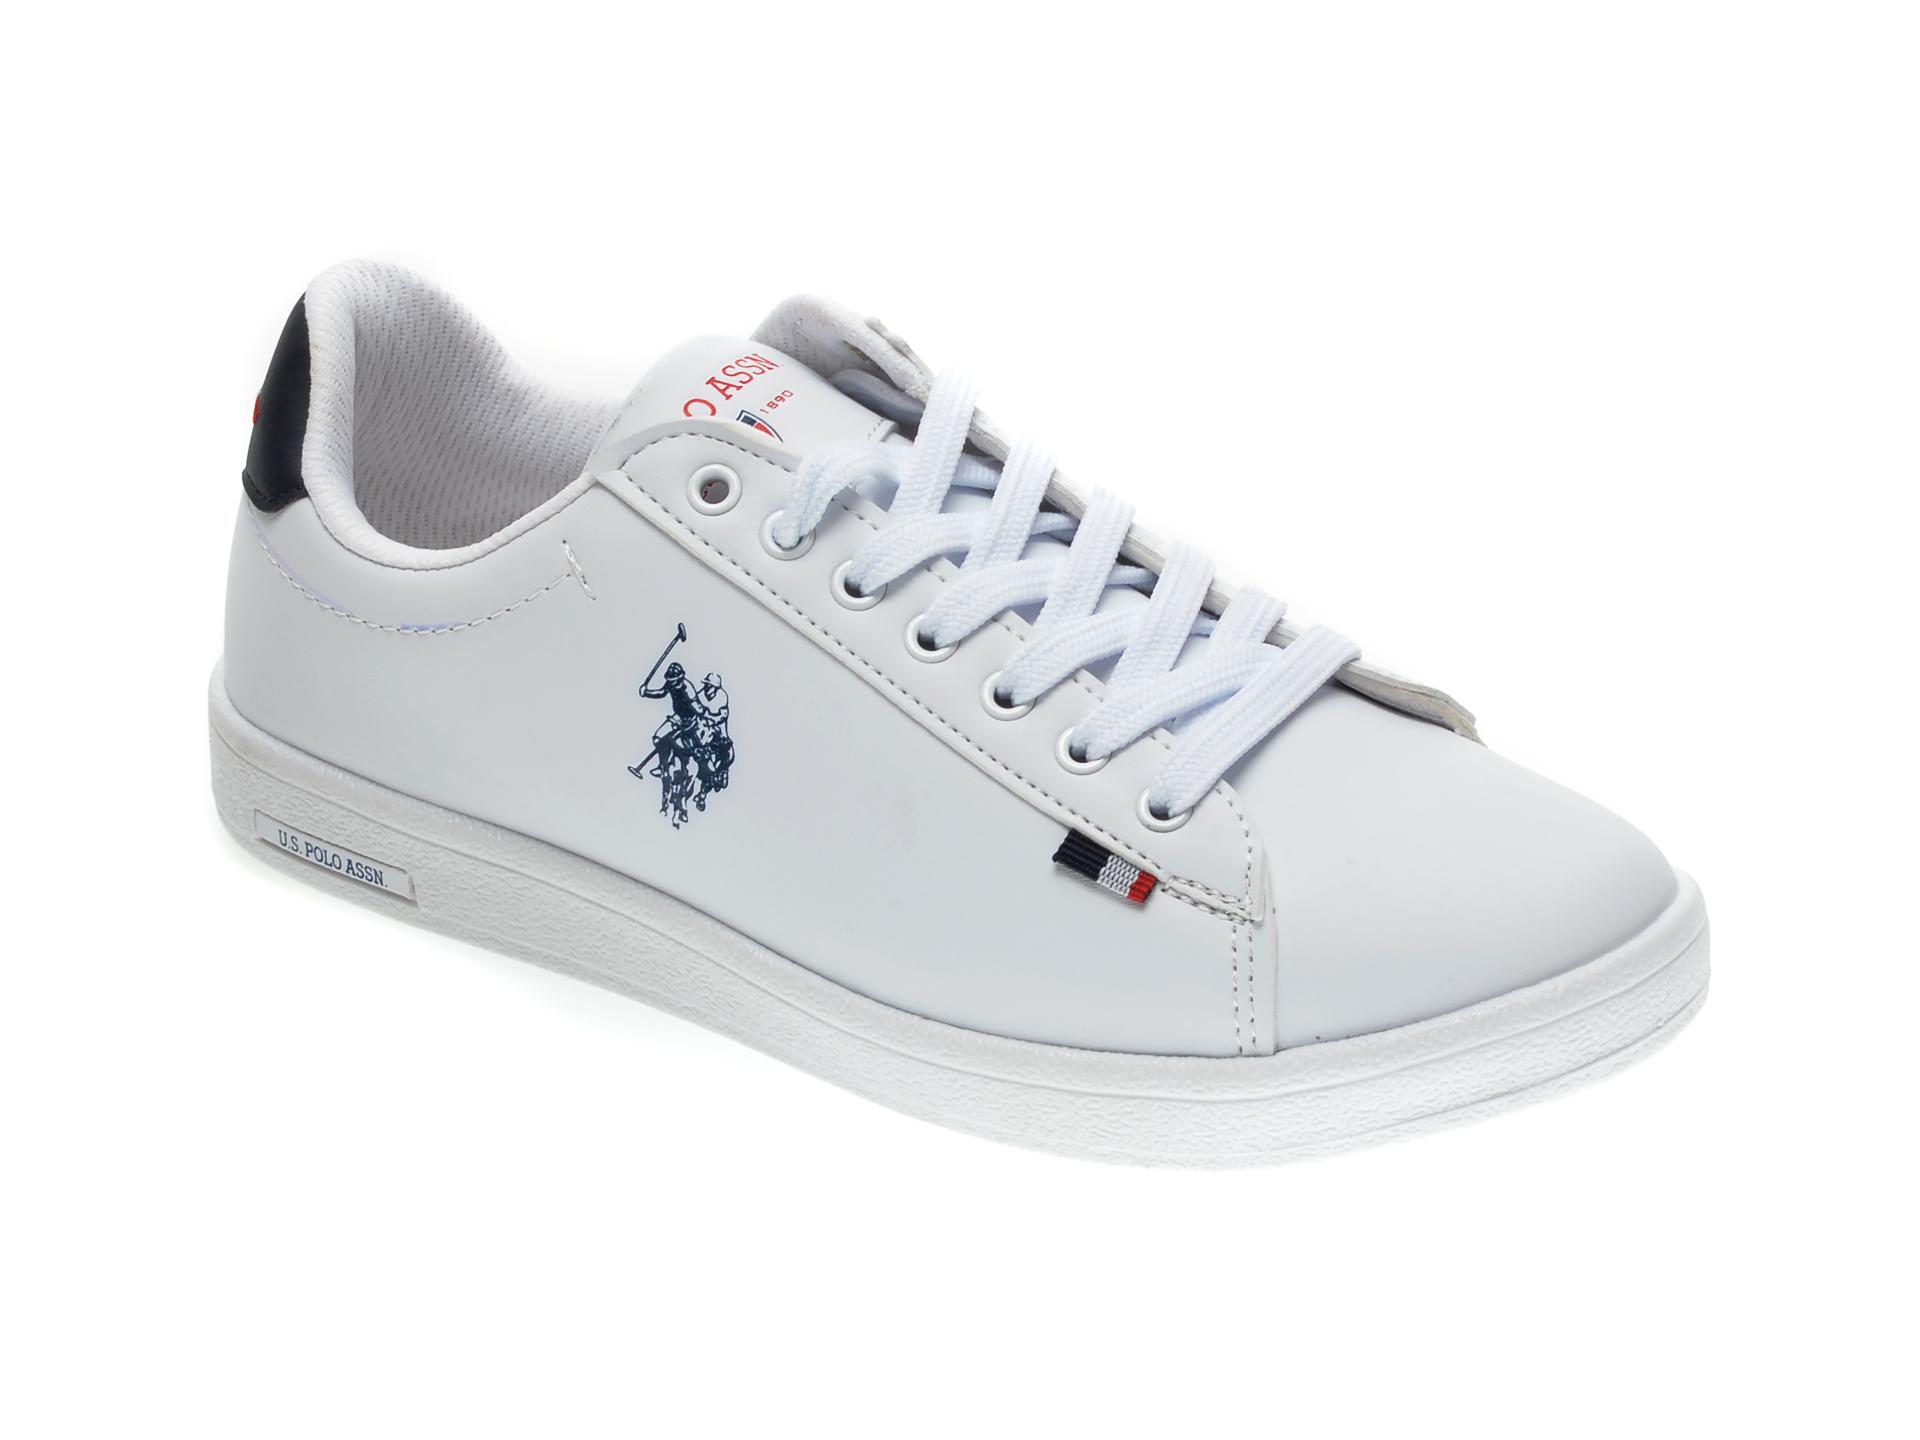 Pantofi sport US POLO ASSN albi, 249587, din piele ecologica imagine